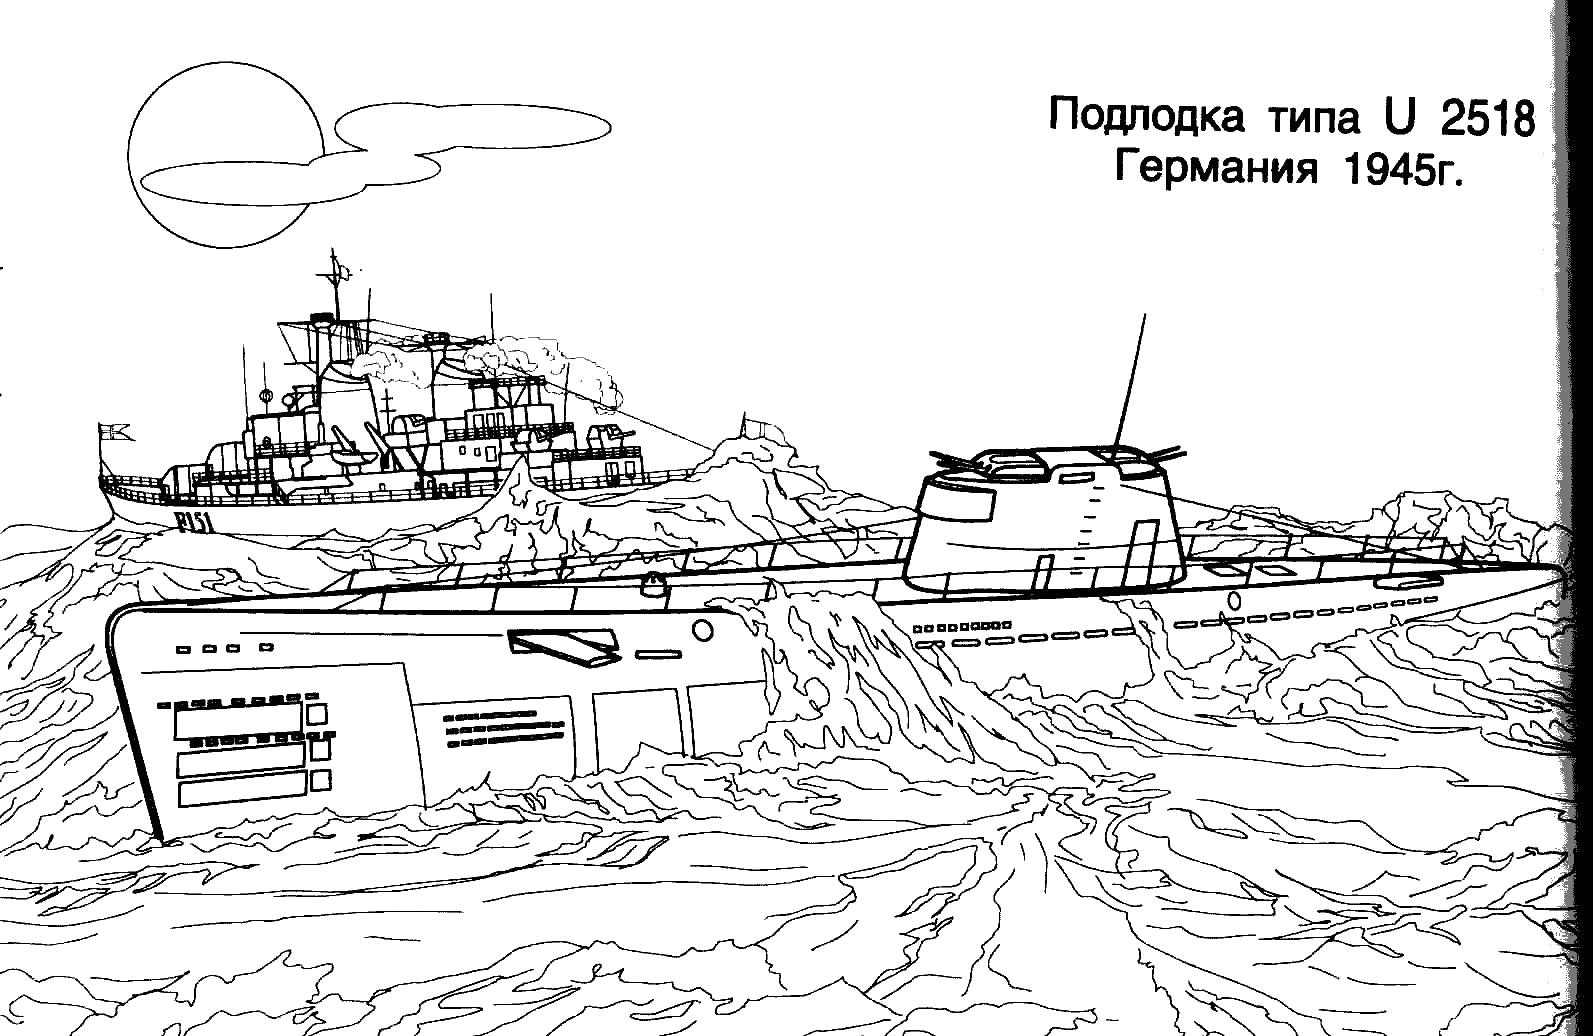 раскраски на тему лодки для детей.  раскраски с лодками для мальчиков и девочек. Раскраски на тему лодки